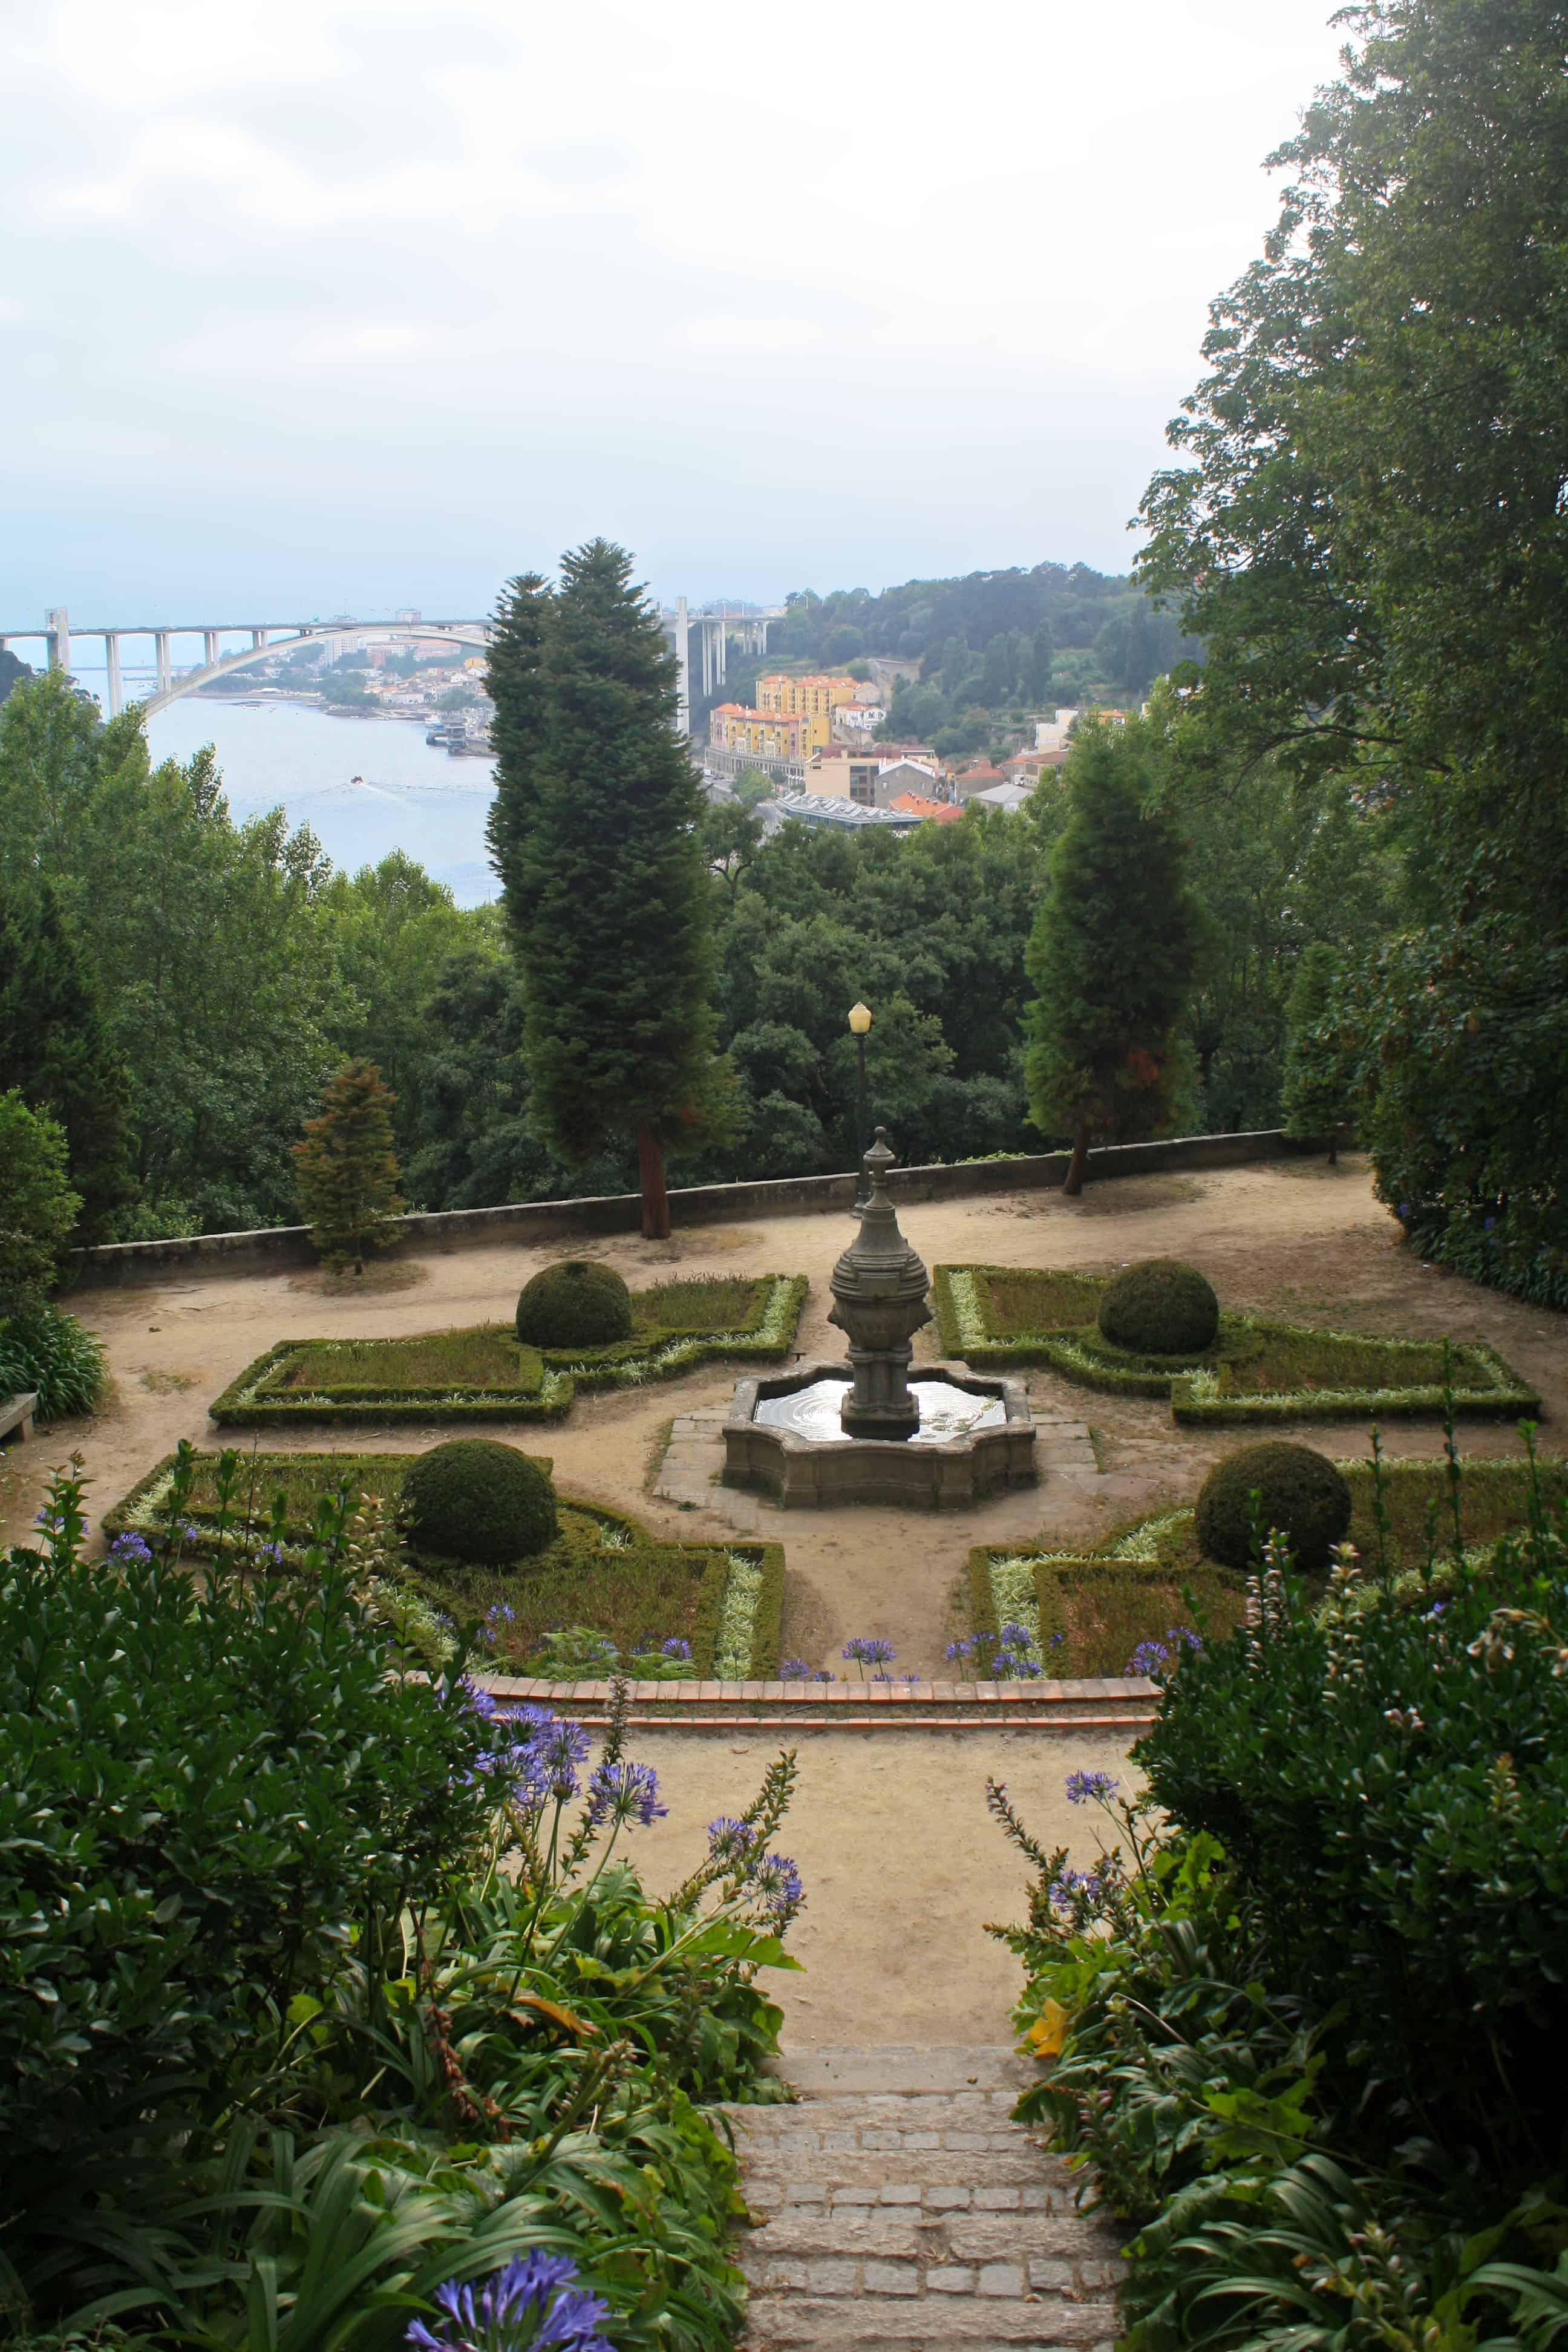 Jardins do Palácio de Cristal, Porto